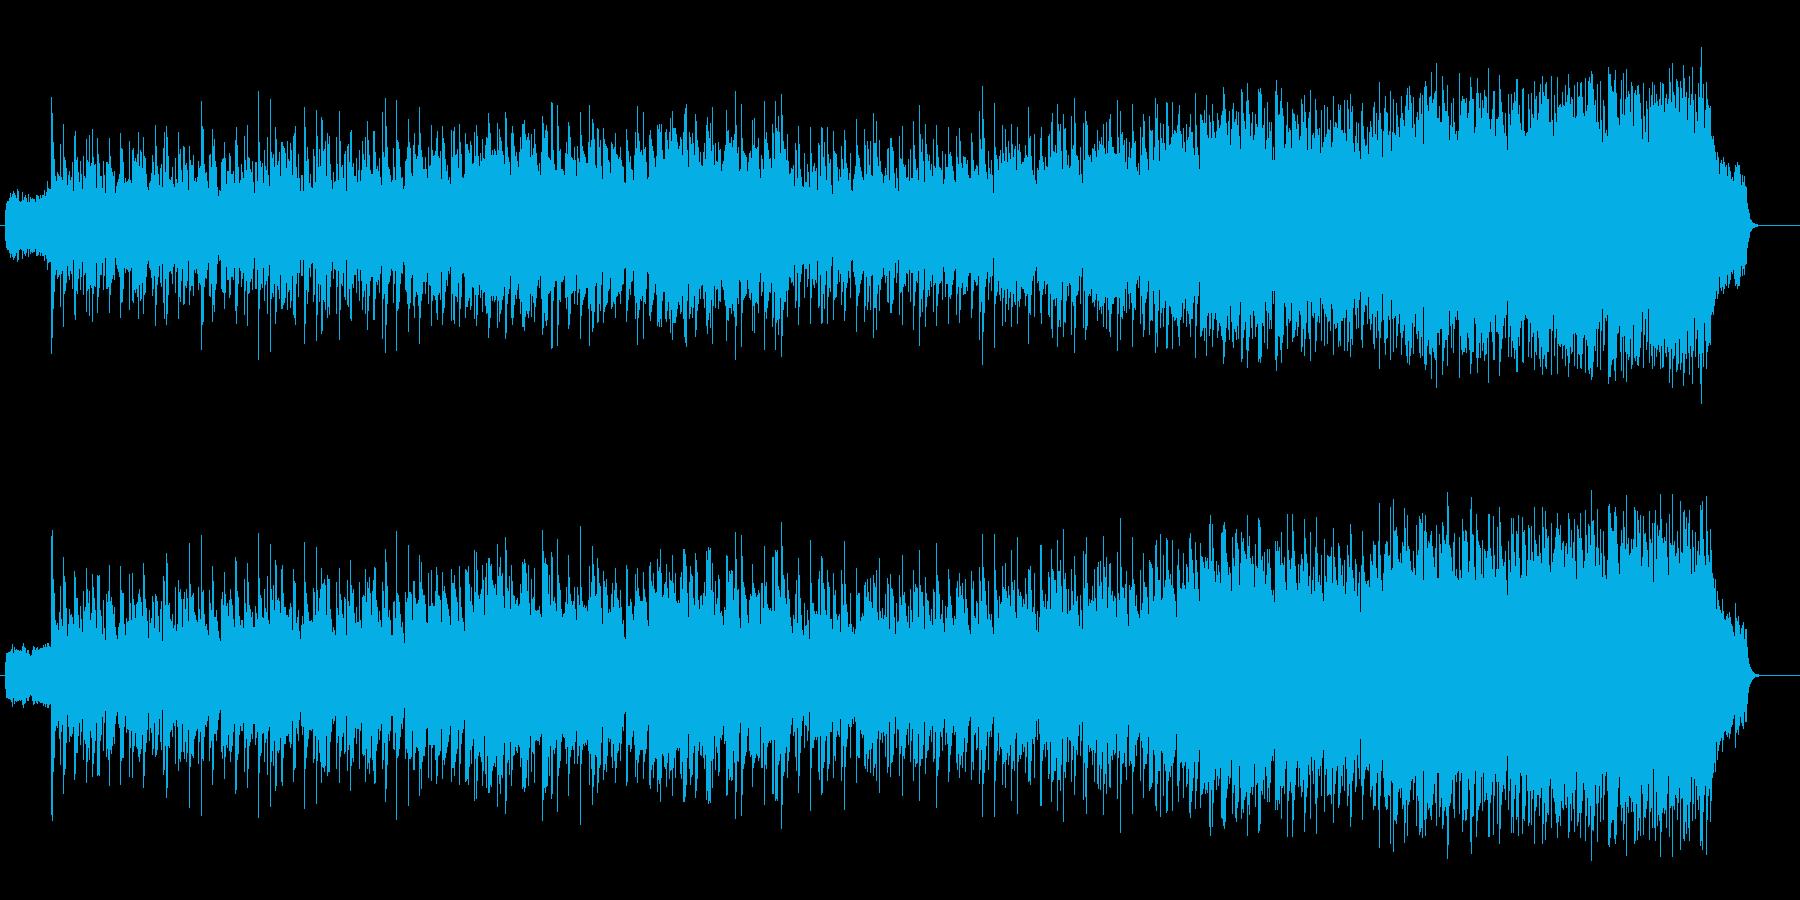 胸の高まりを感じる甘いラヴ・バラードの再生済みの波形